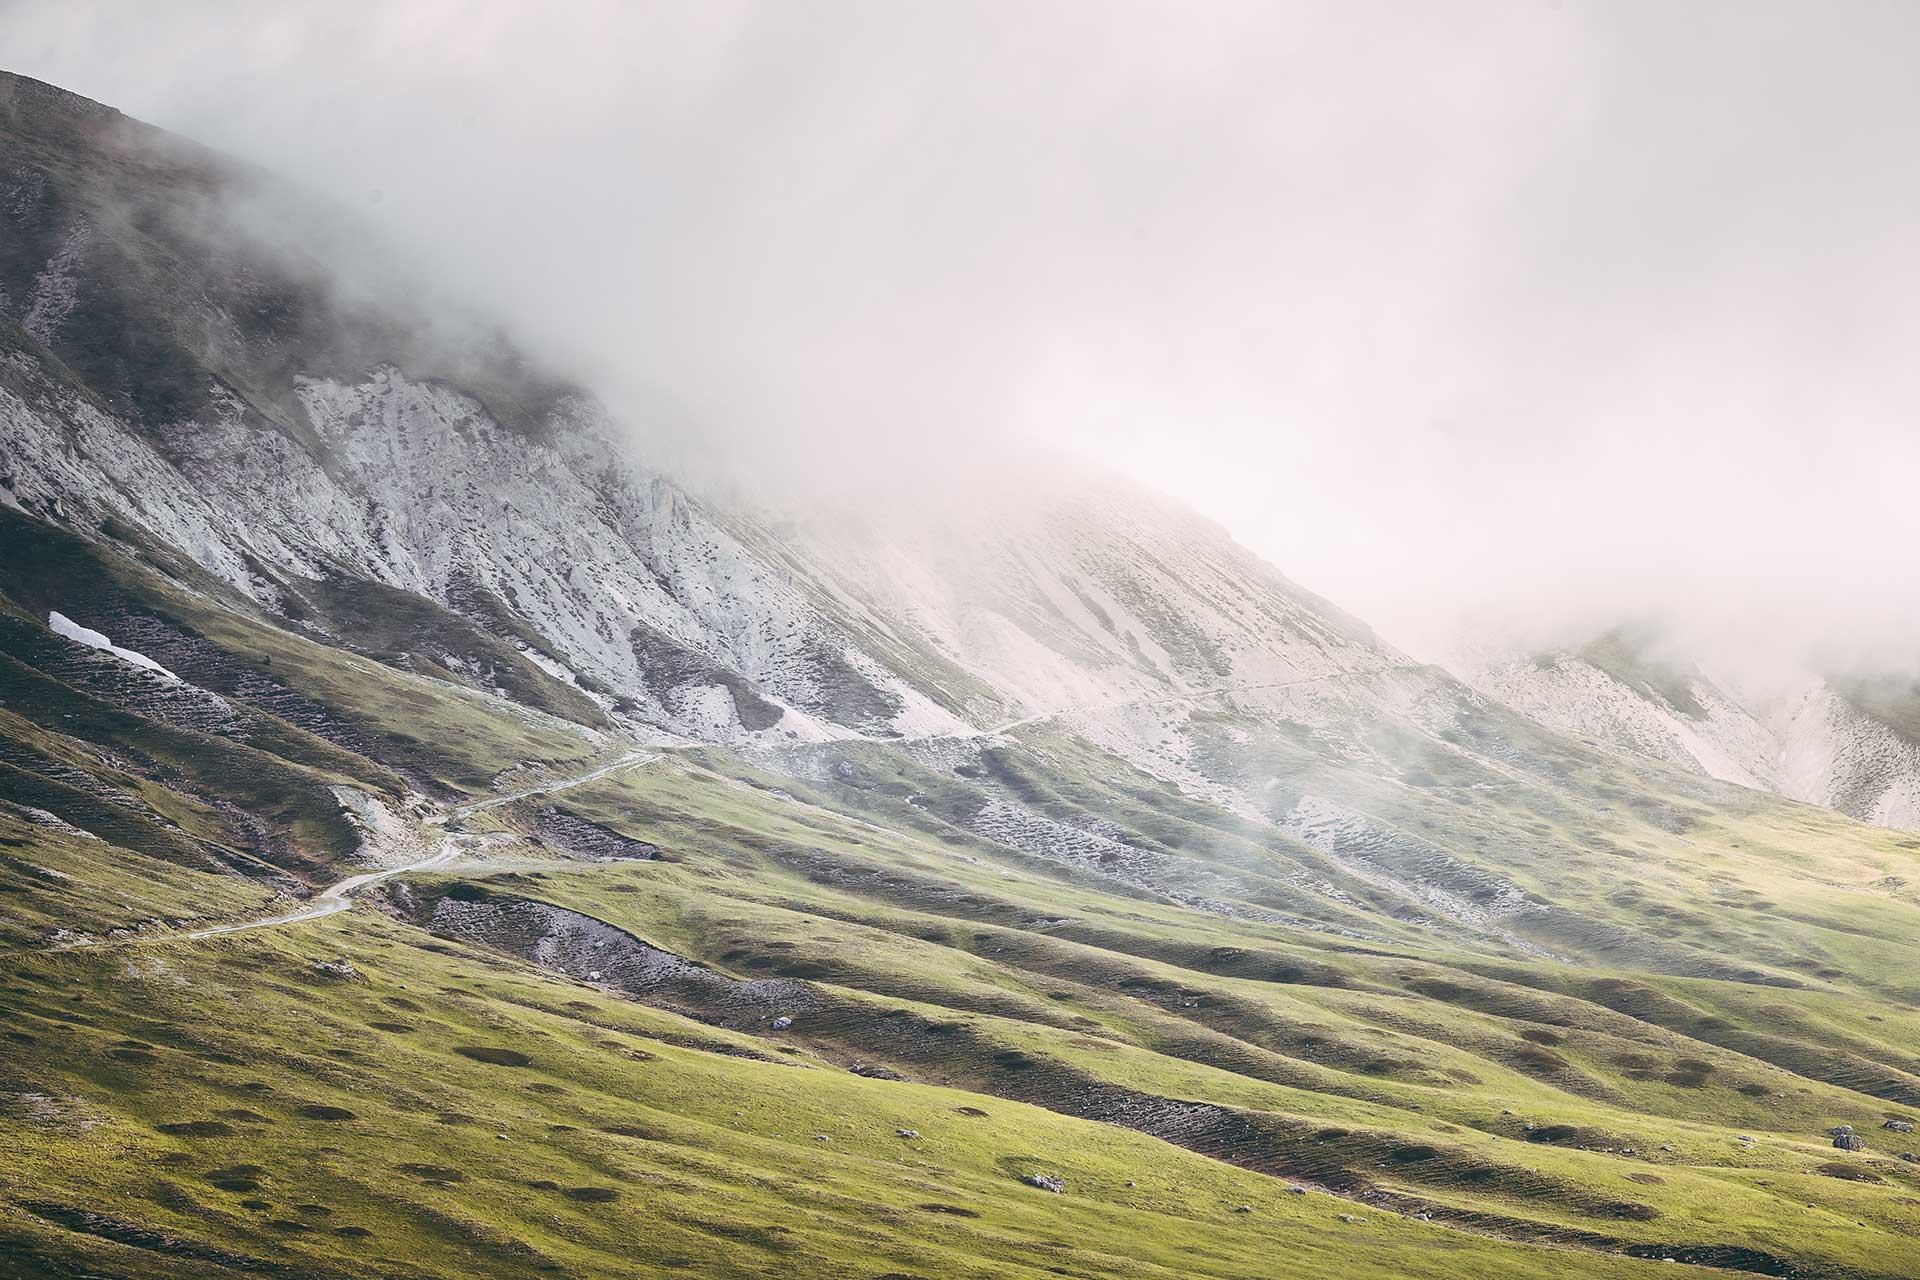 Landschaft Outdoor Fotograf Michael Müller Ebike Berge Wolken Landschaft